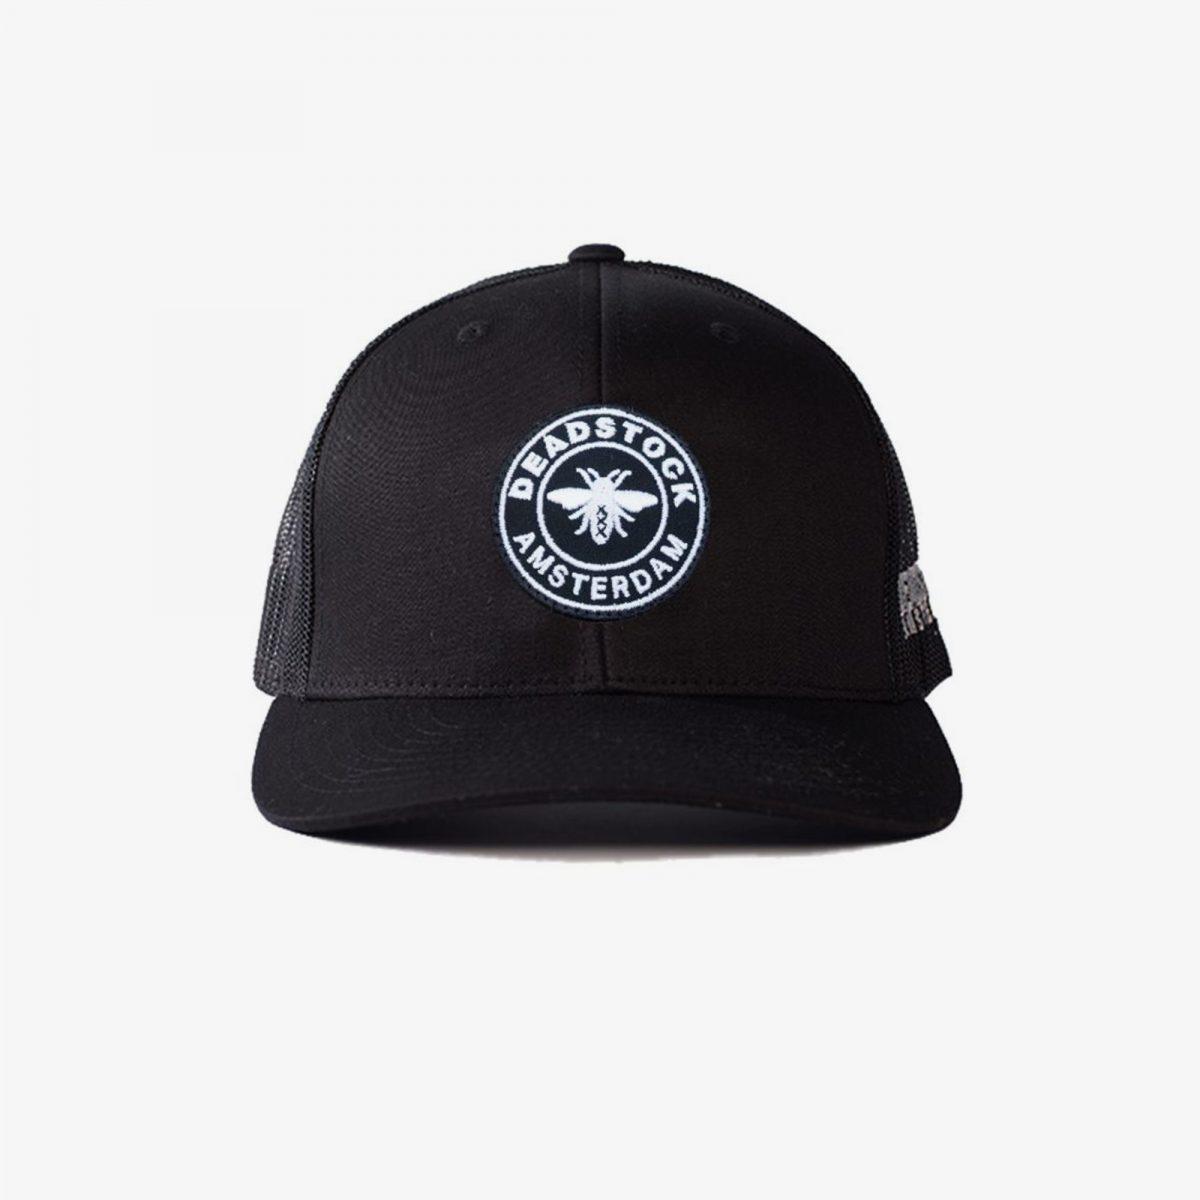 Return-Trucker-Cap-Front